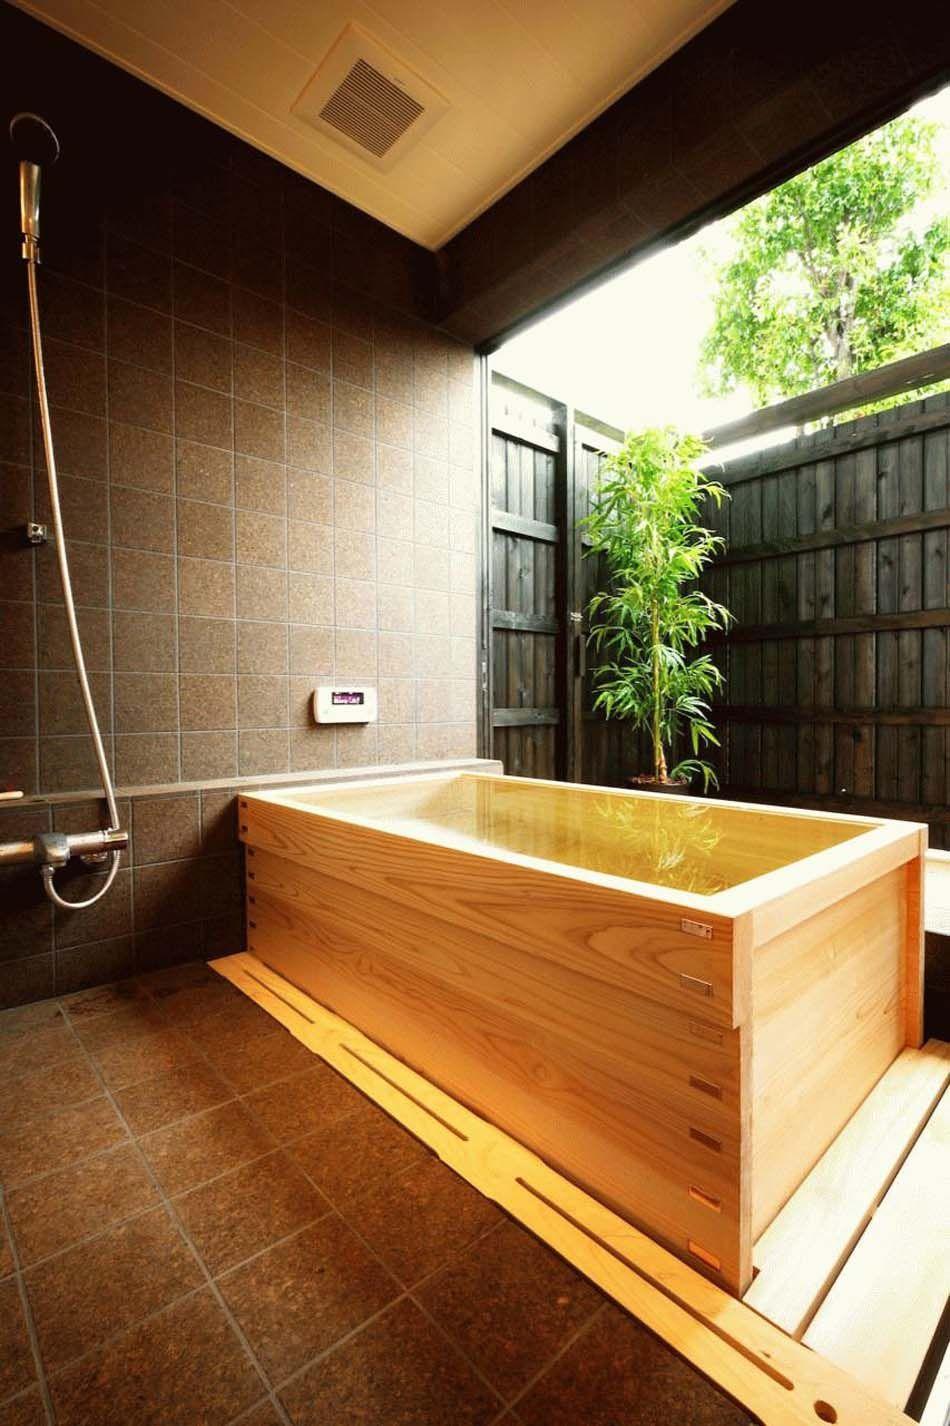 Salle De Bain Tiny House ~ baignoire design en bois ou les salles de bains aux inspirations d